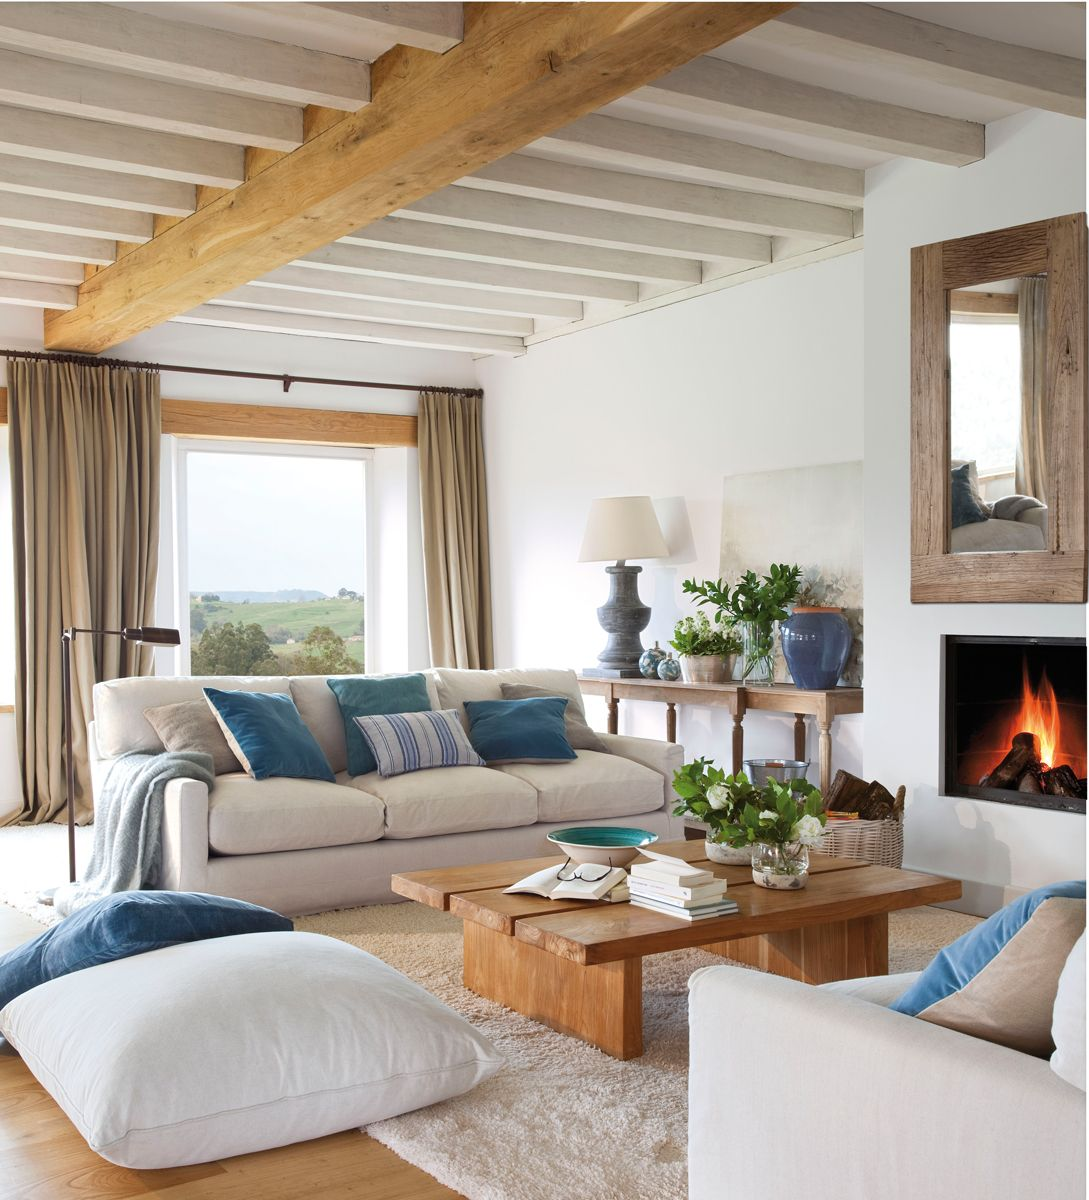 salon-blanco-azul-chimenea-espejo-mesa-centro-madera-vigas-vista ...